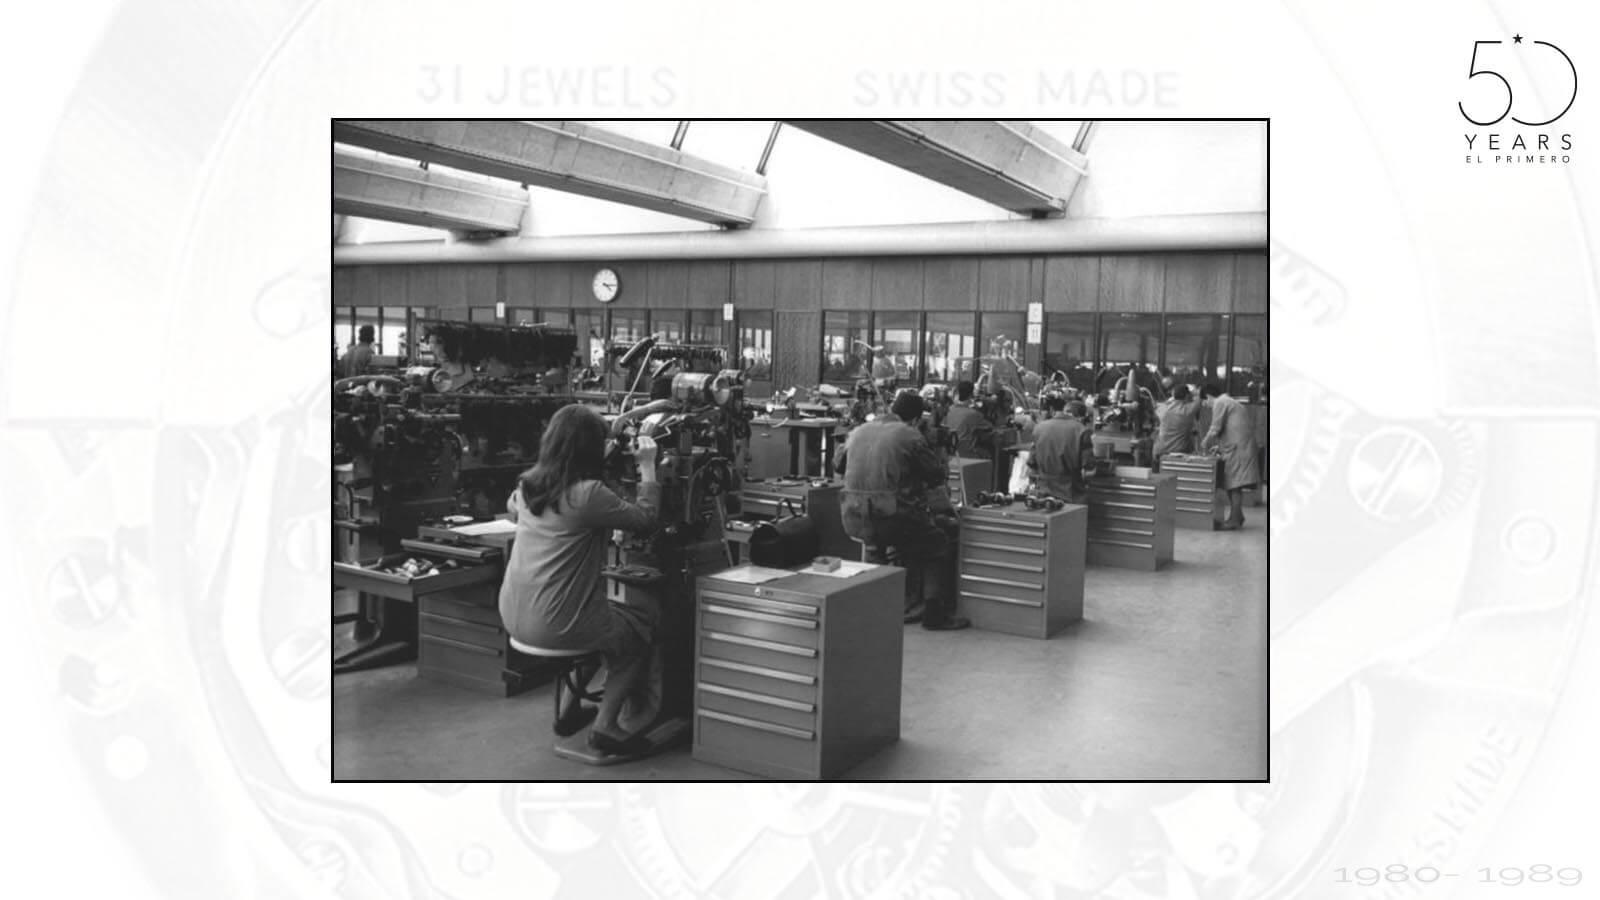 Arbeitspläte bei Dixi Polytool in den 1970er Jahren